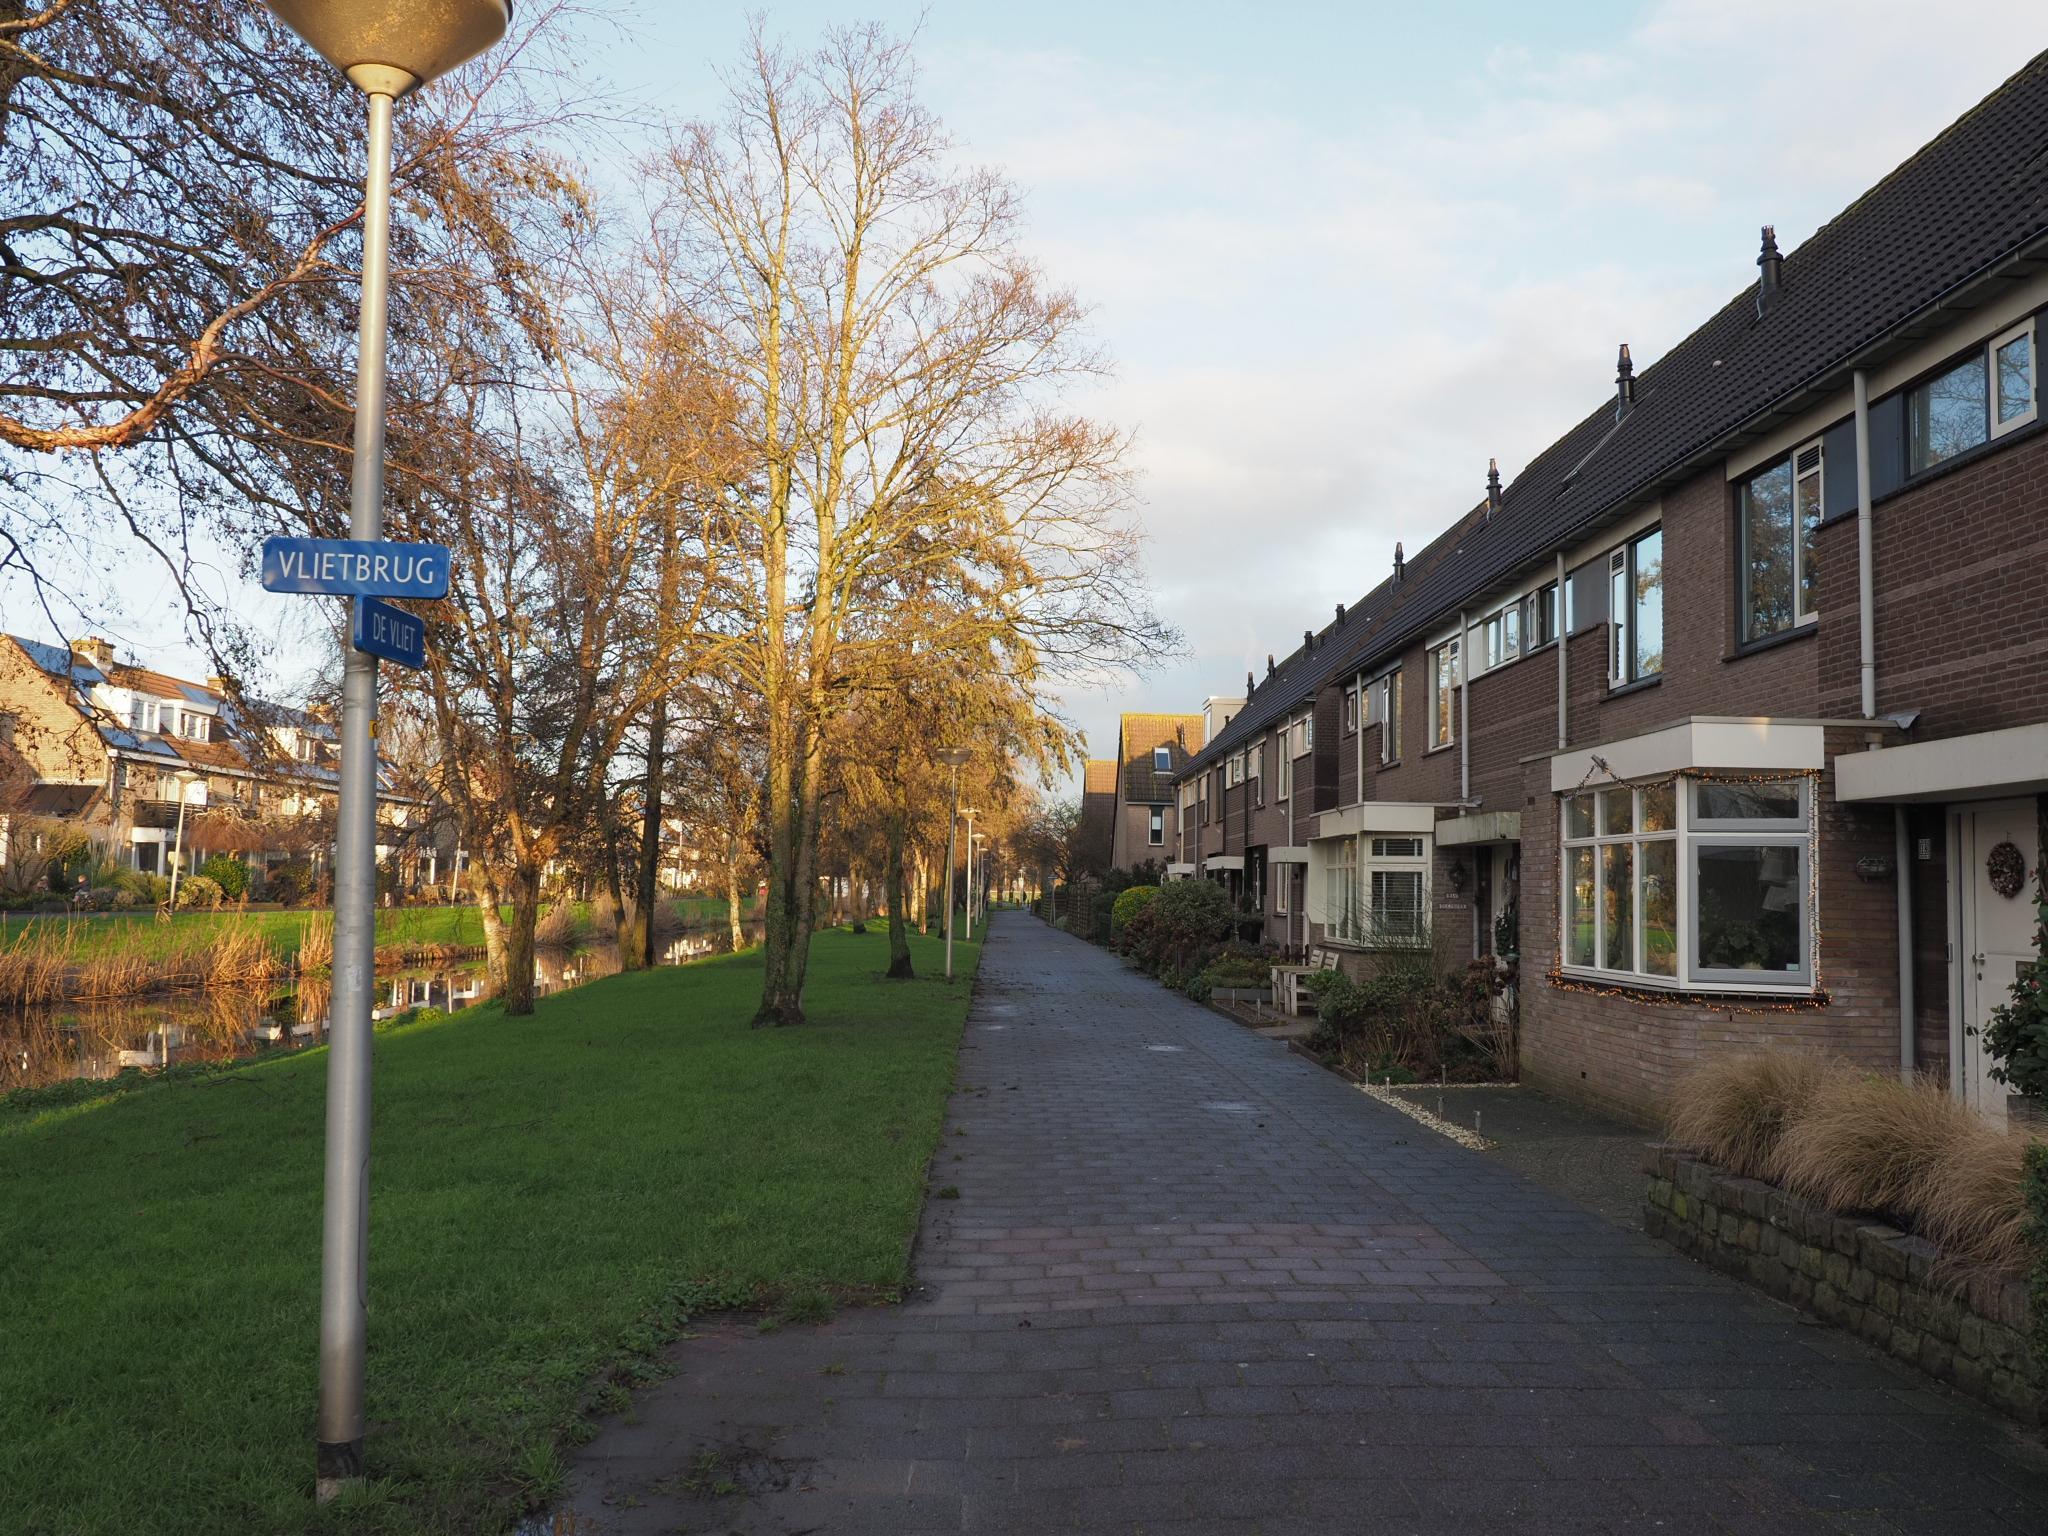 Dood van echtpaar in Velserbroeks rijtjeshuis zorgt voor schrik: bewoners van De Vliet moeten tragedie nog verwerken